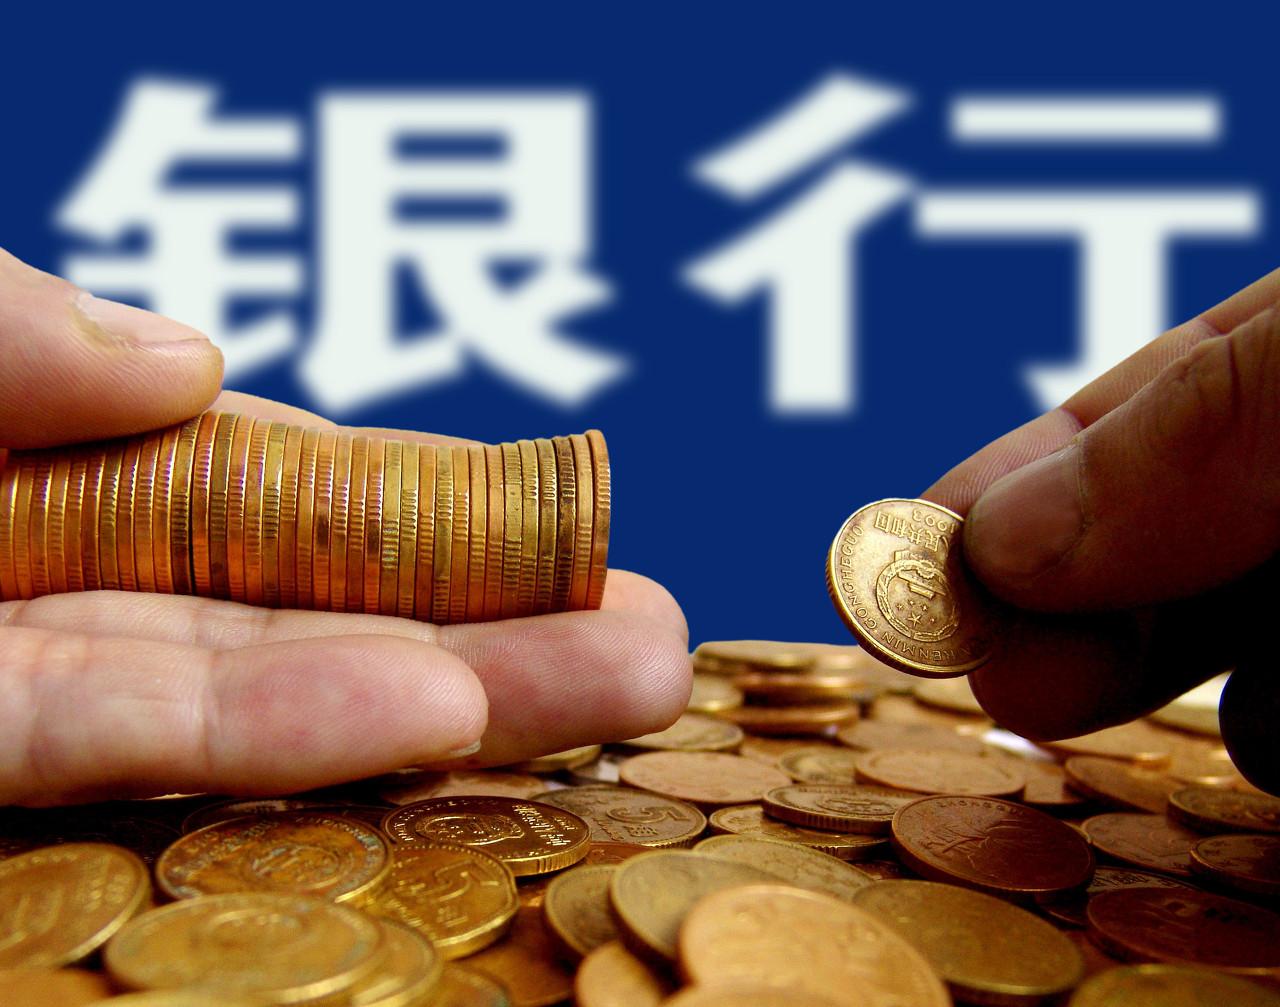 工作近25年,南京银行行长突然辞职!3天前才重启140亿元定增